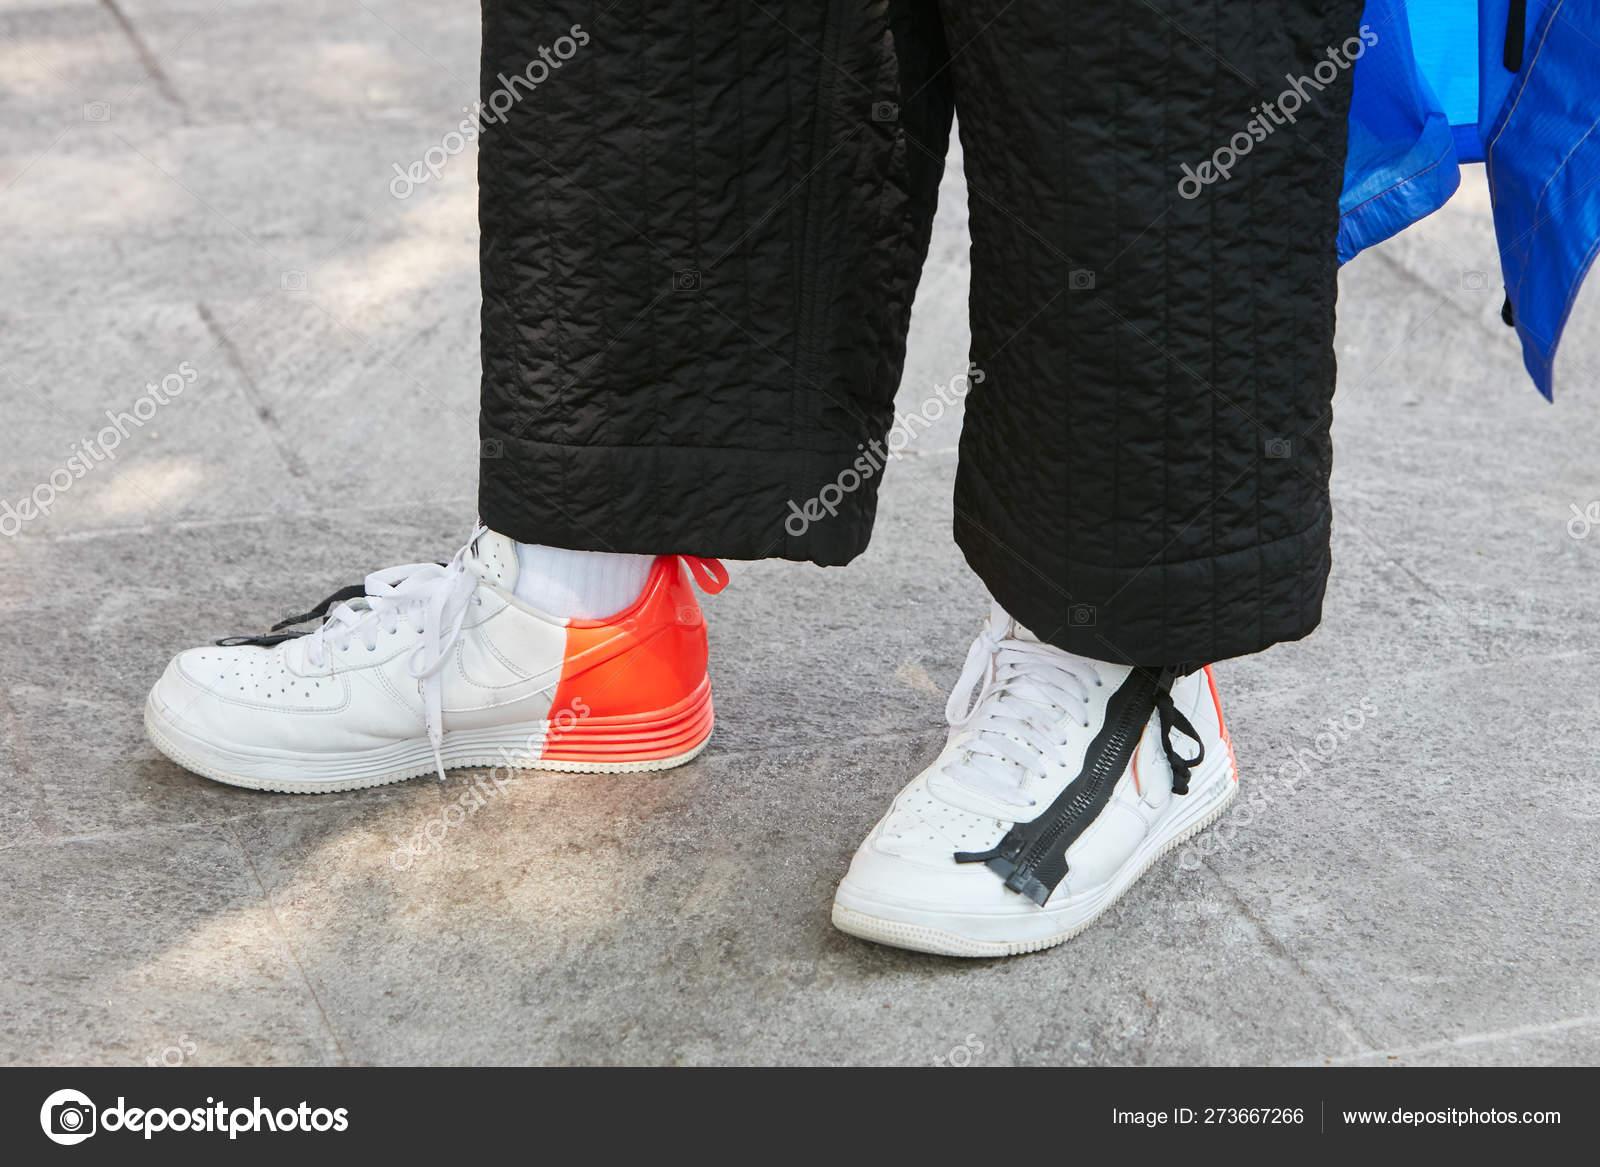 primo sguardo ufficiale godere del prezzo di liquidazione Man with white, orange and black Nike before Emporio Armani ...